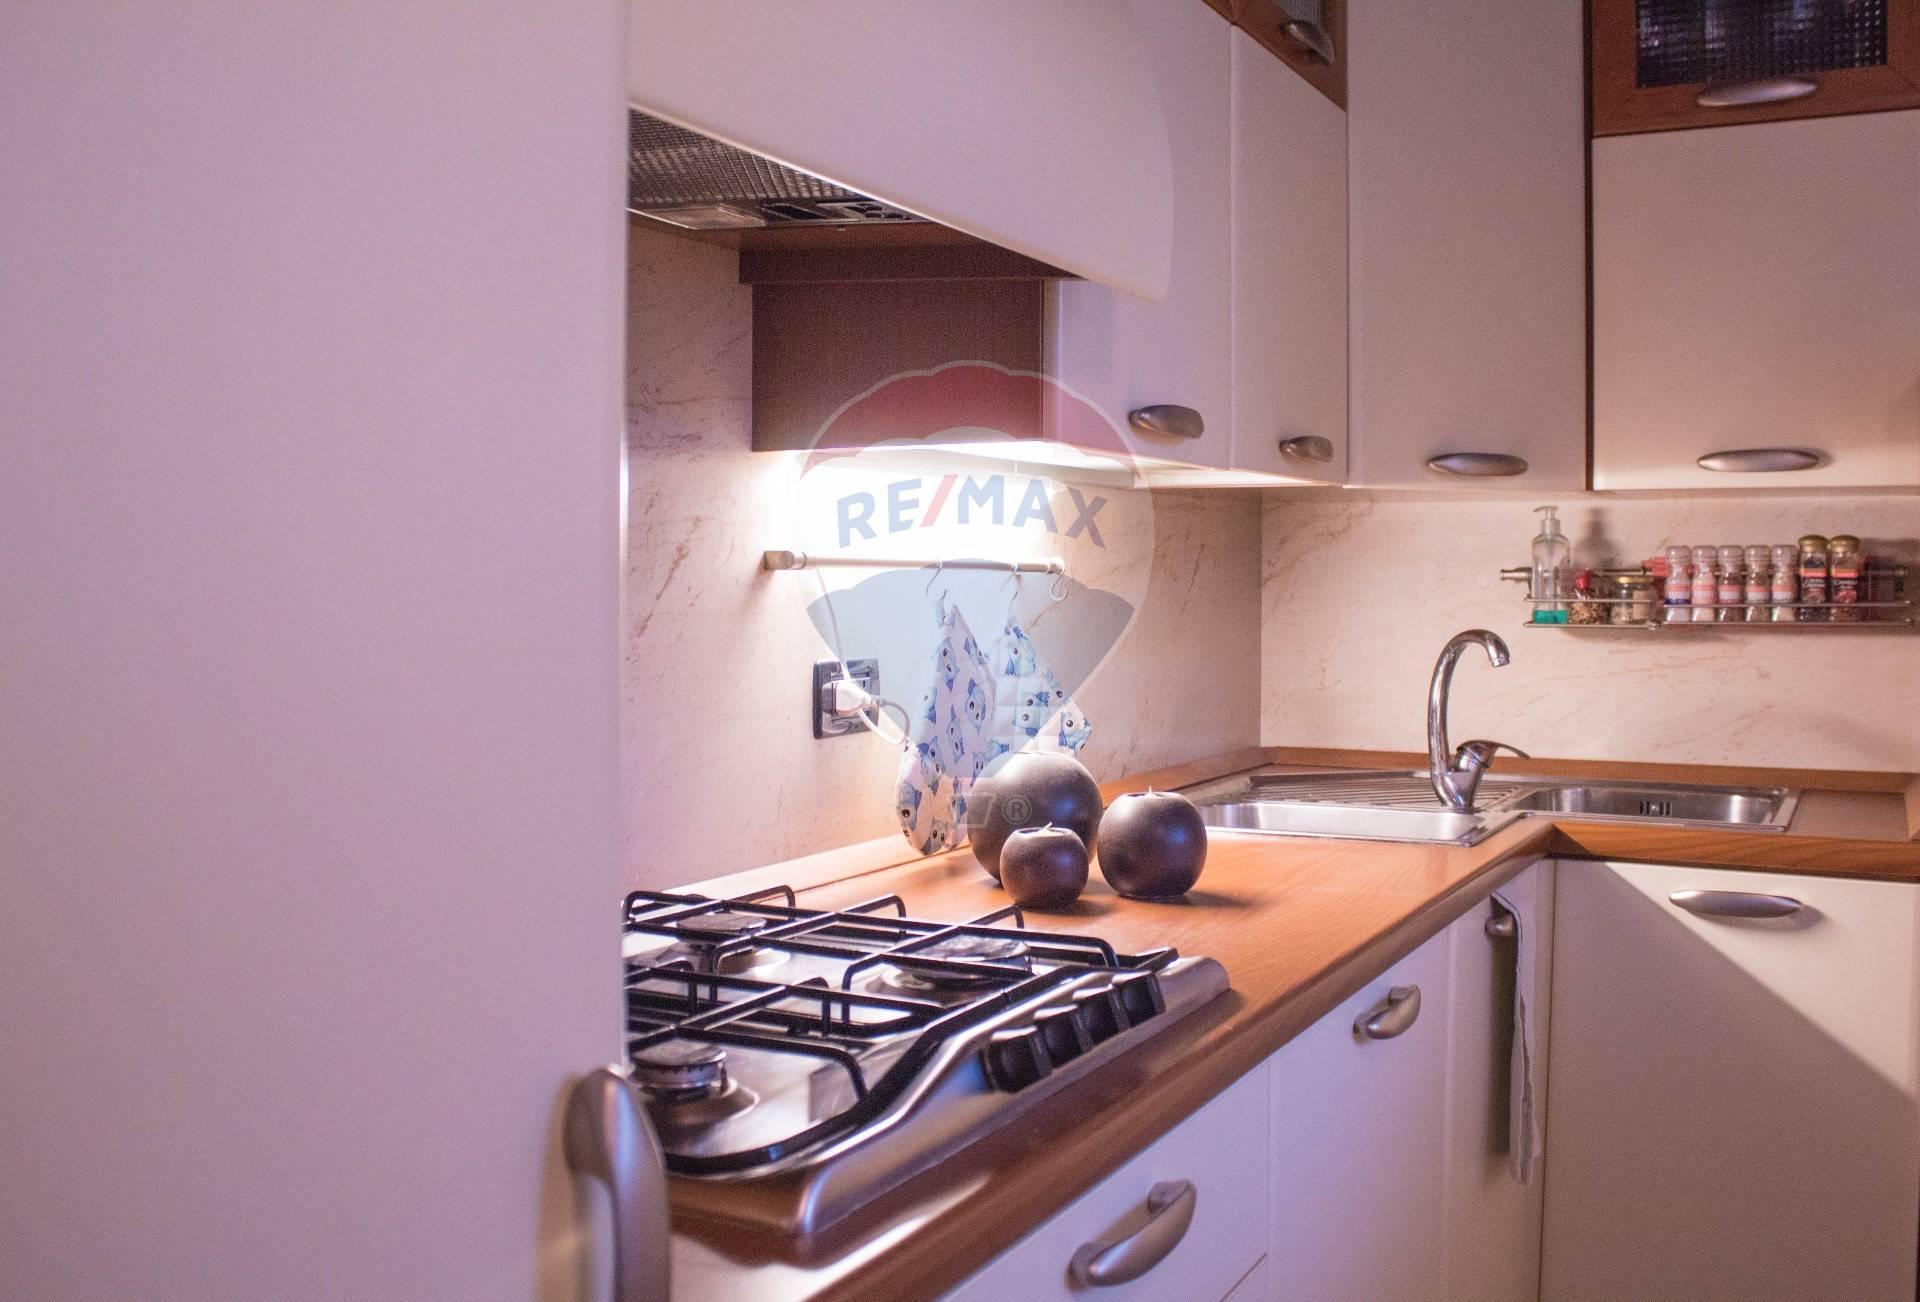 Appartamento in vendita a Manerba del Garda, 3 locali, zona Località: Solarolo, prezzo € 199.000 | CambioCasa.it